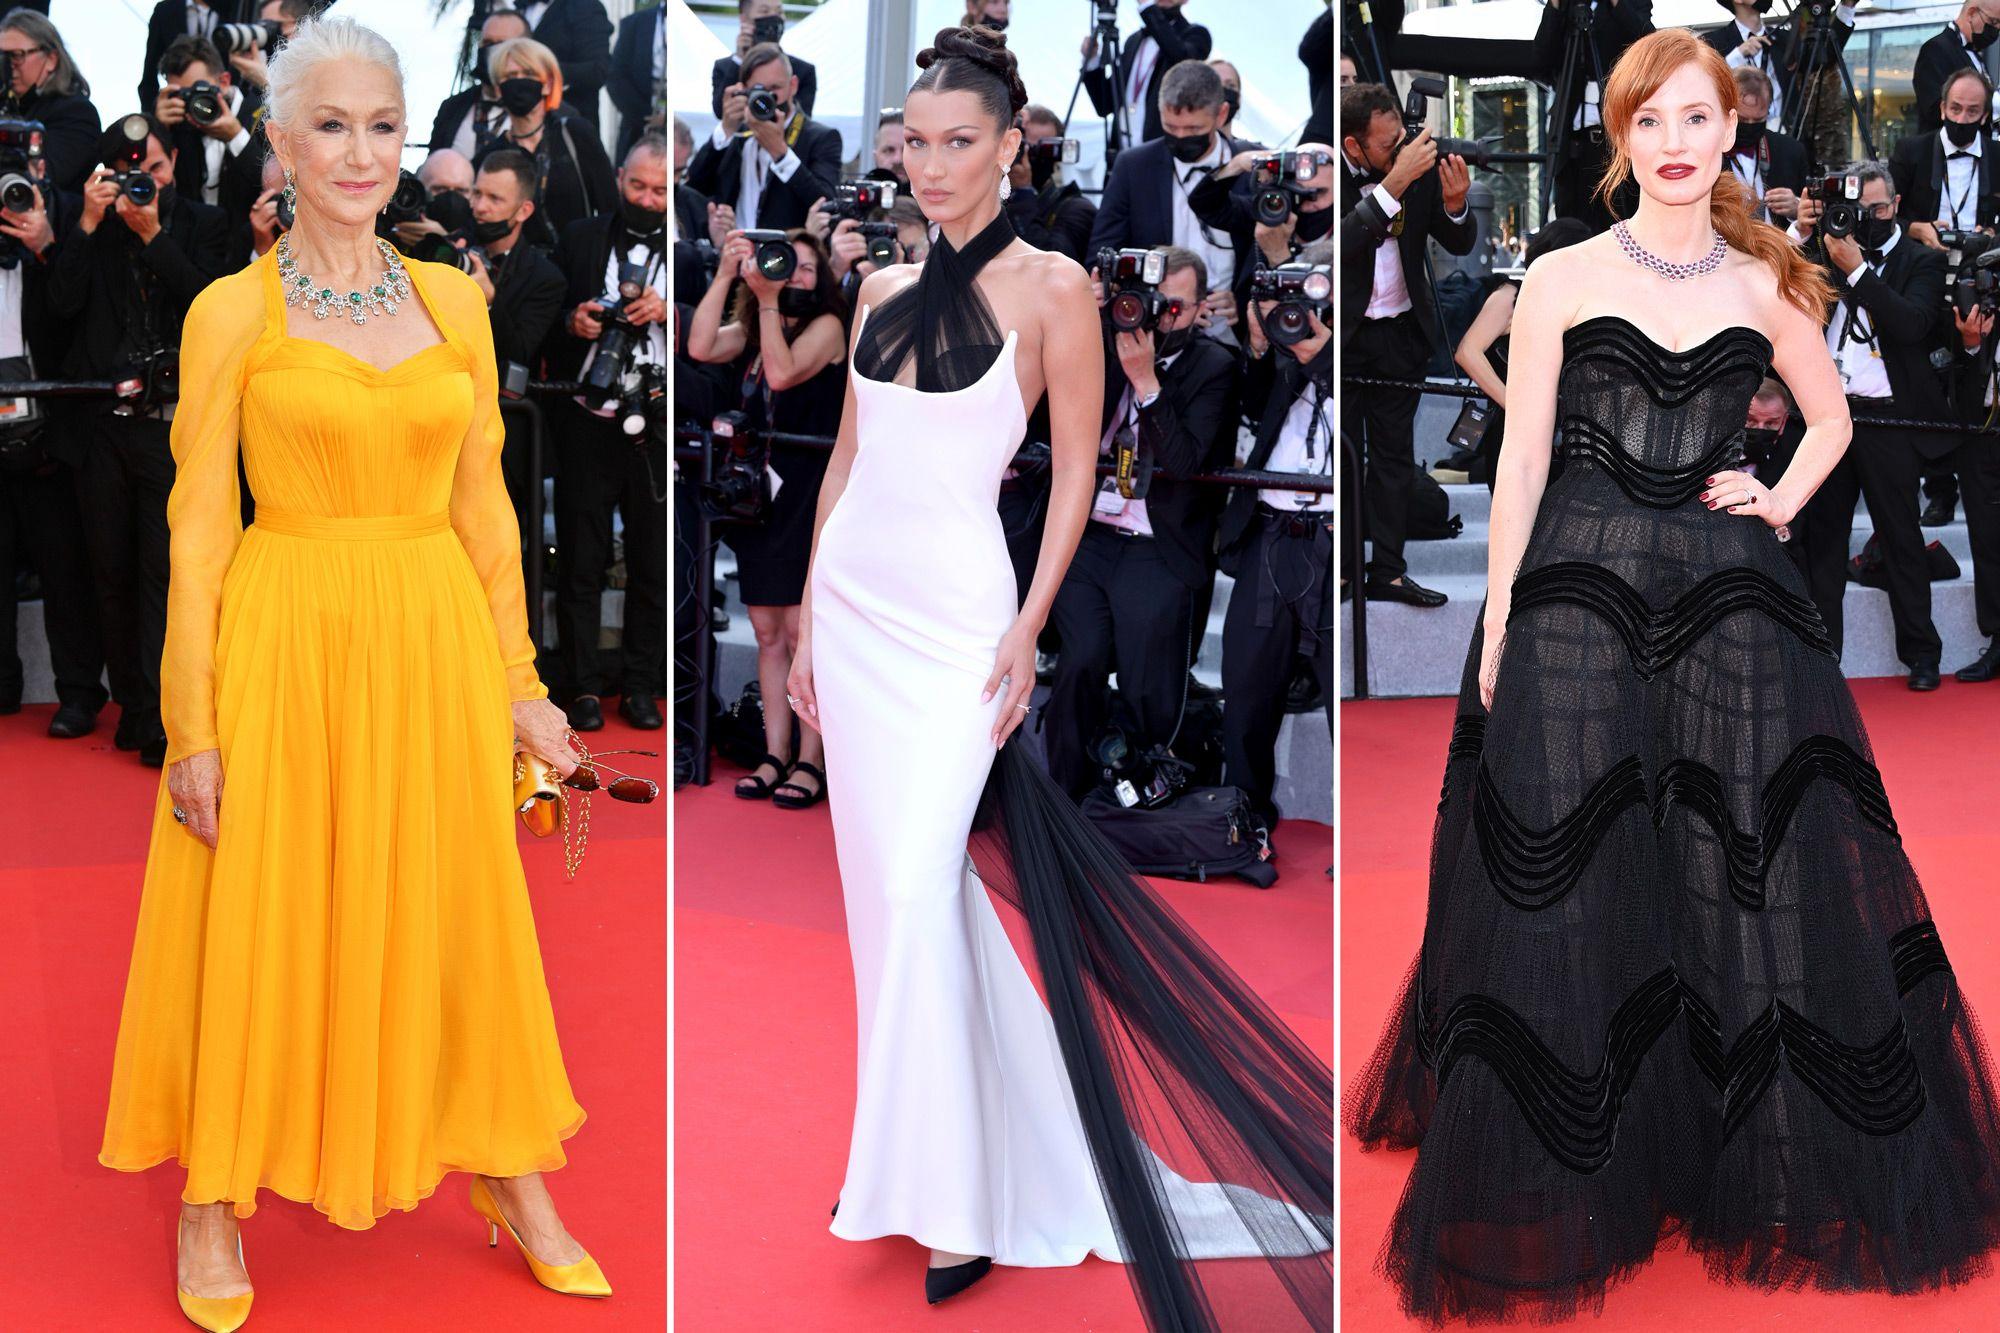 Thảm đỏ Cannes nhộn nhịp trở lại với sự tham gia của dàn diễn viên, người mẫu đình đám: